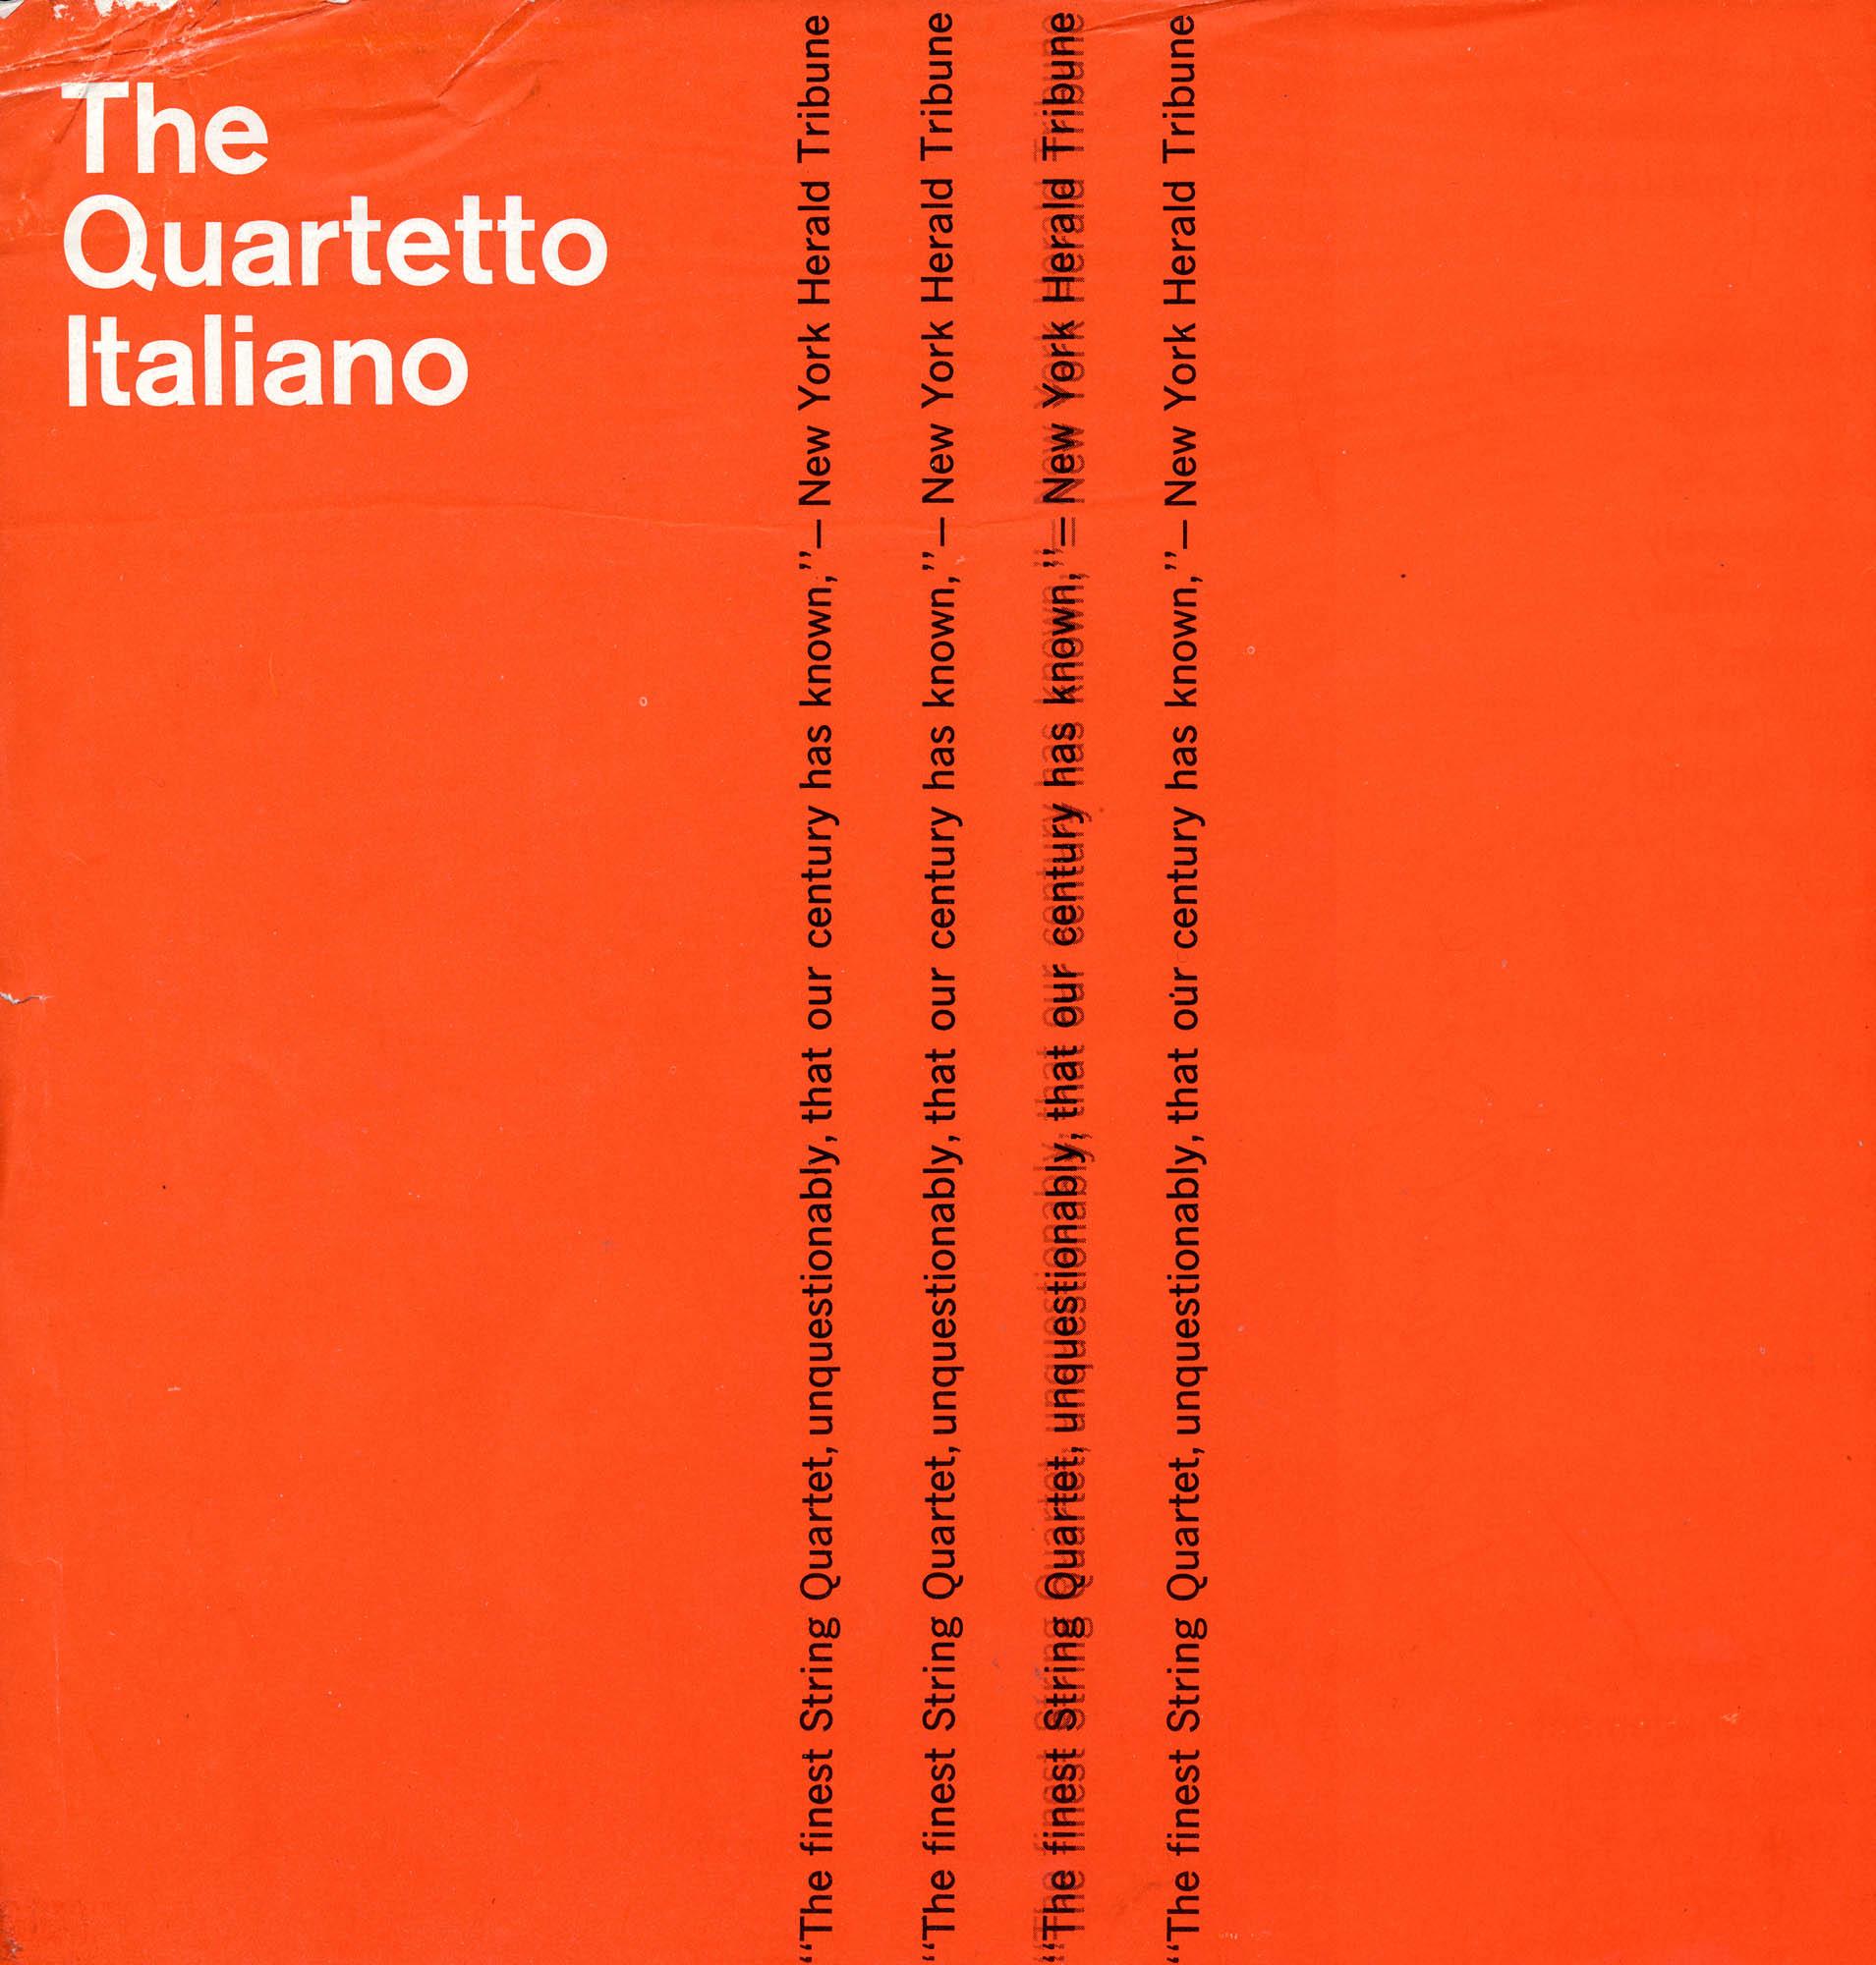 The Quartetto Italiano - Flyer New York 1950's